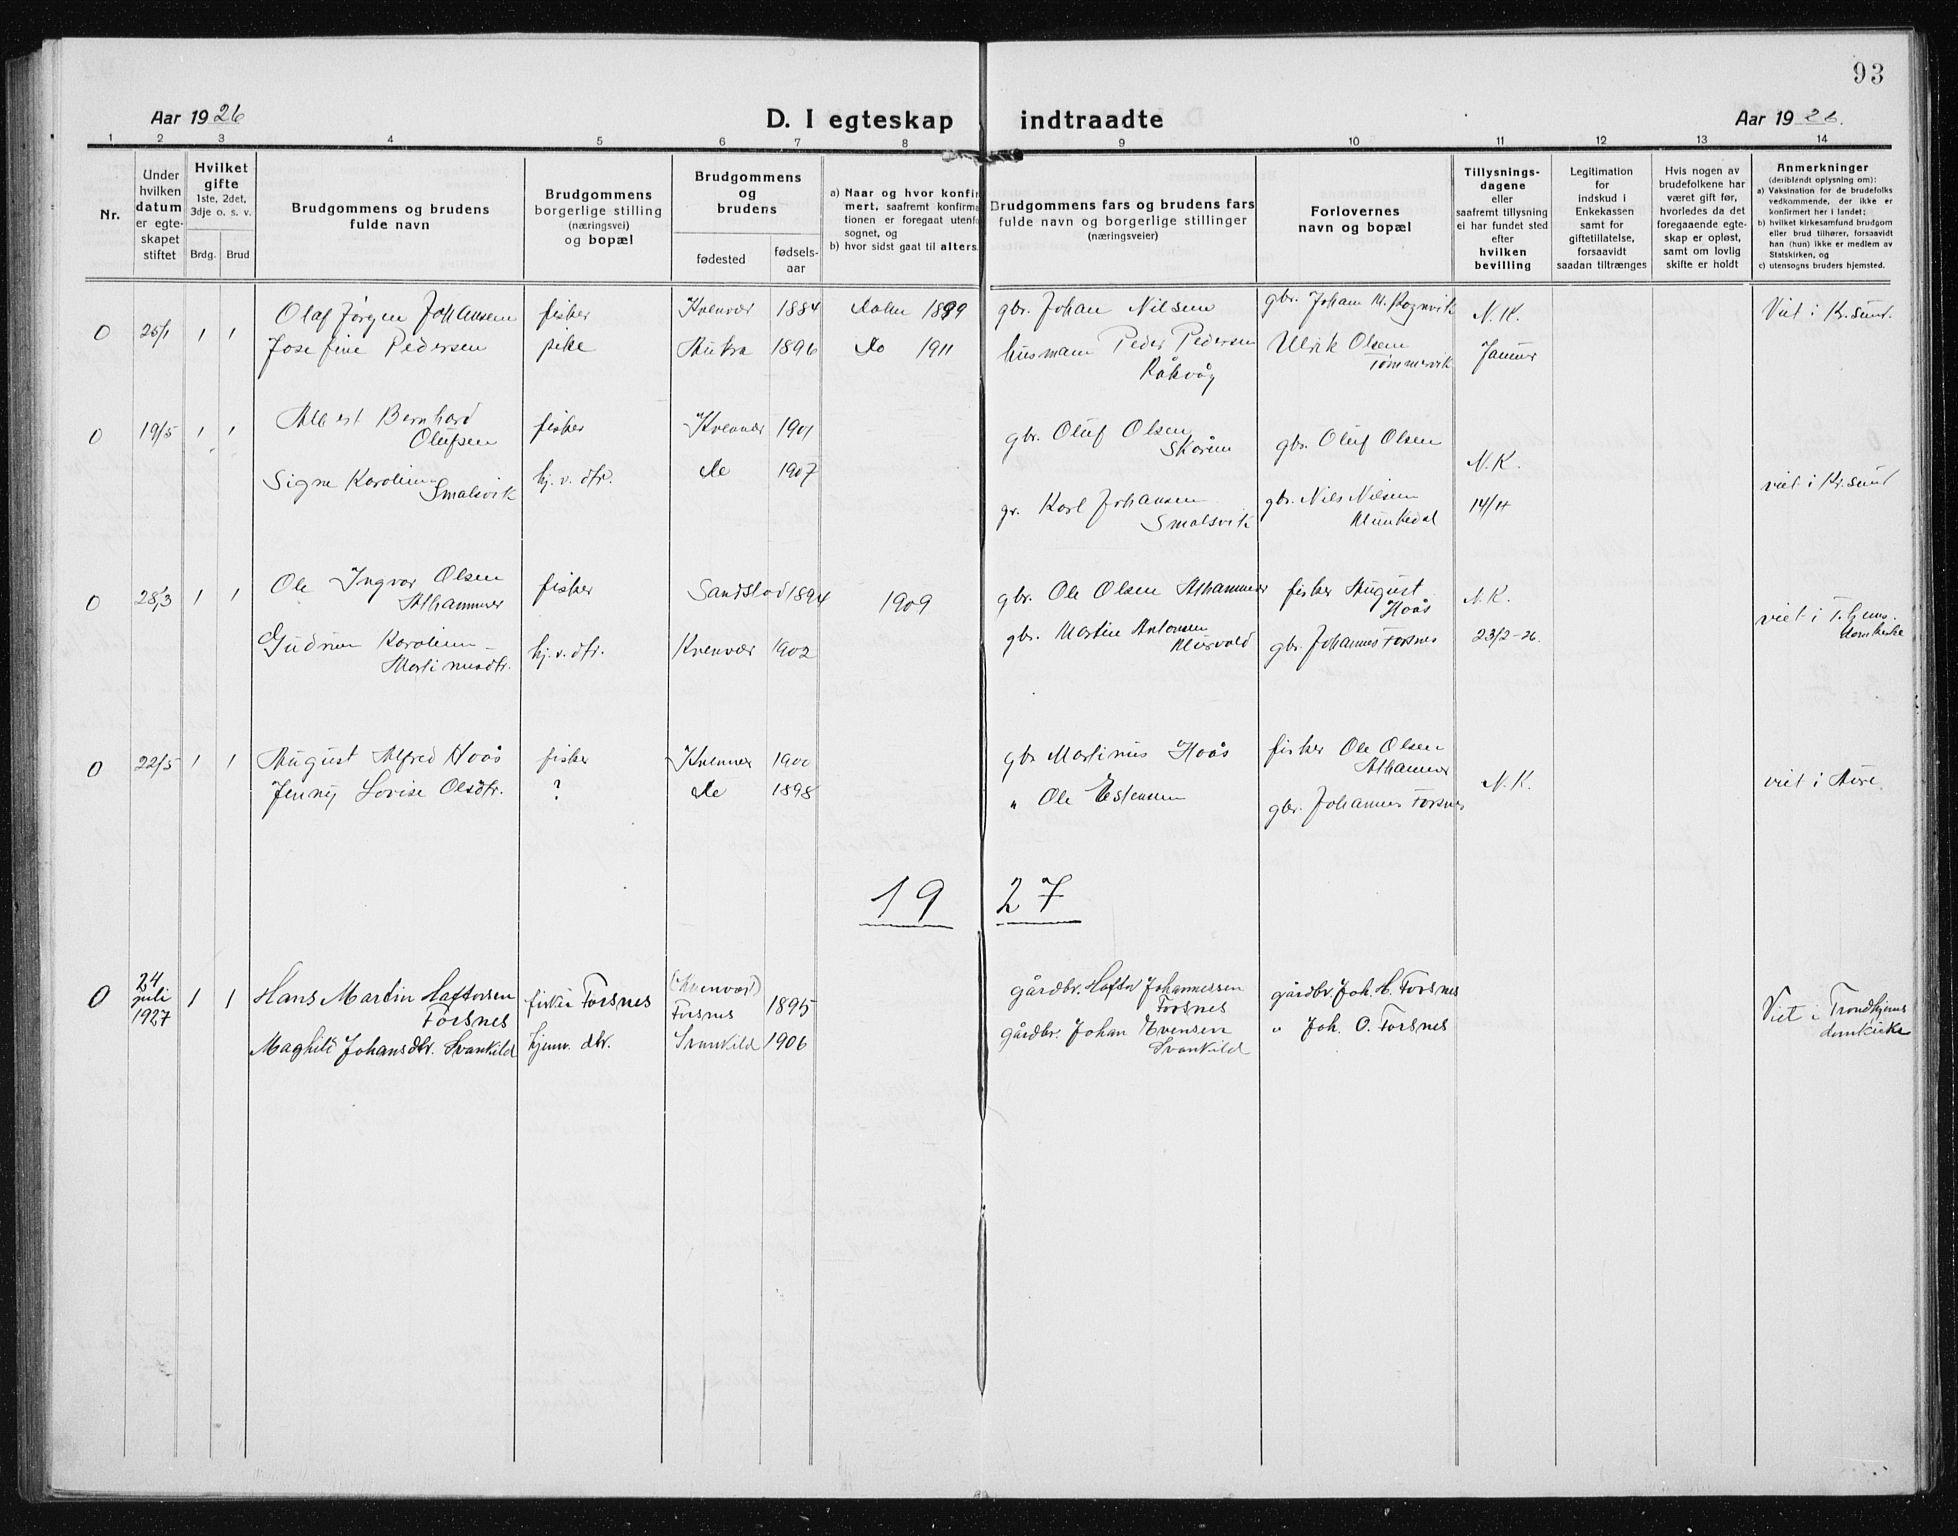 SAT, Ministerialprotokoller, klokkerbøker og fødselsregistre - Sør-Trøndelag, 635/L0554: Klokkerbok nr. 635C02, 1919-1942, s. 93